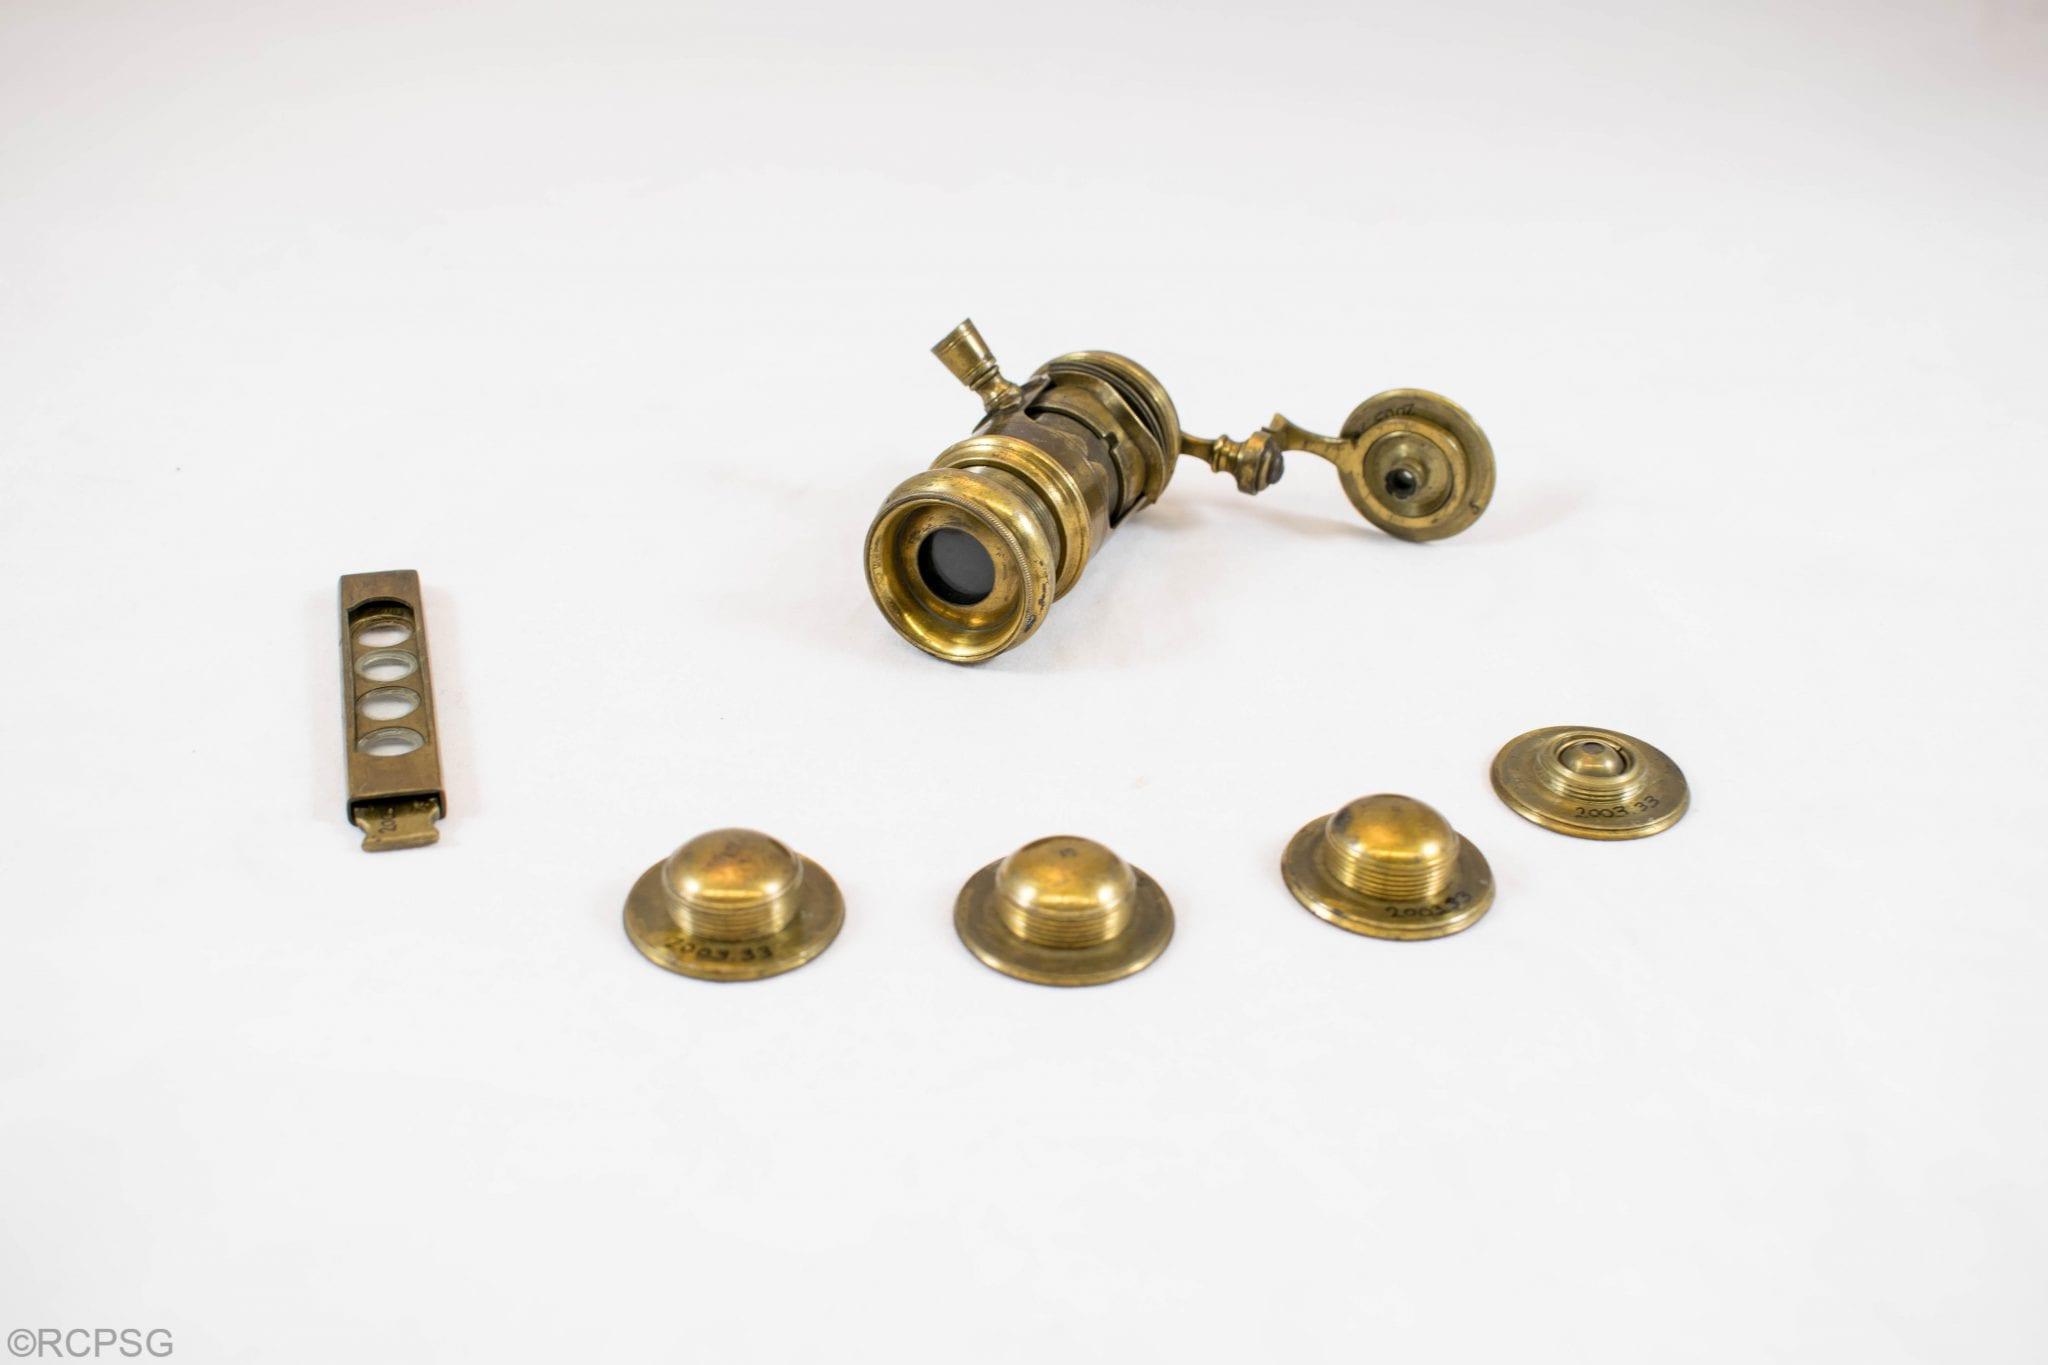 Wilson-type microscope